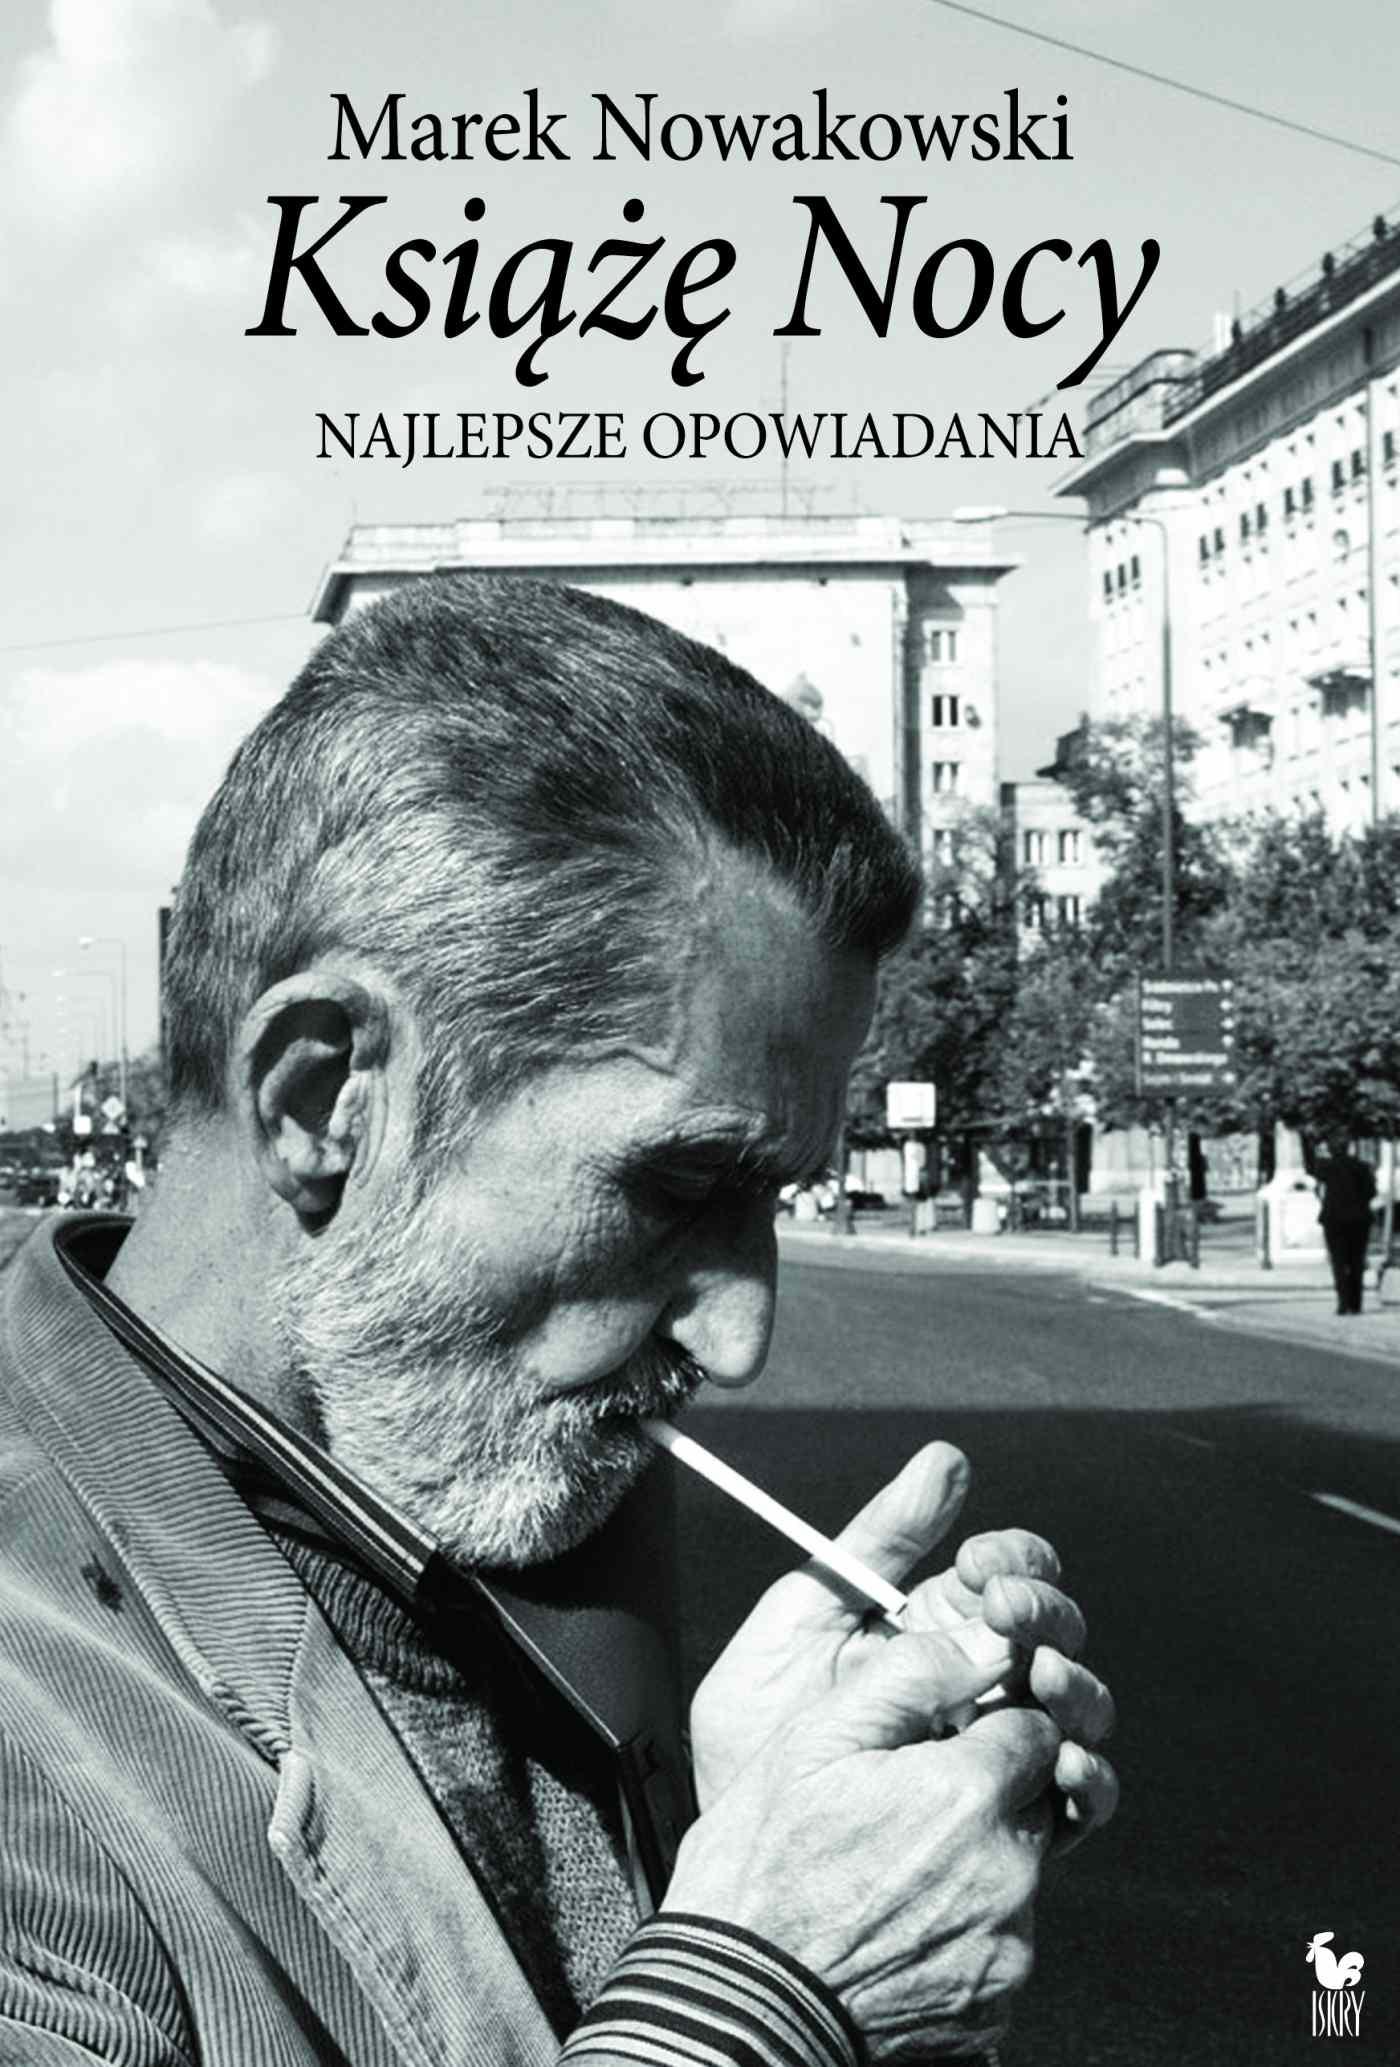 Książę Nocy. Najlepsze opowiadania - Ebook (Książka EPUB) do pobrania w formacie EPUB